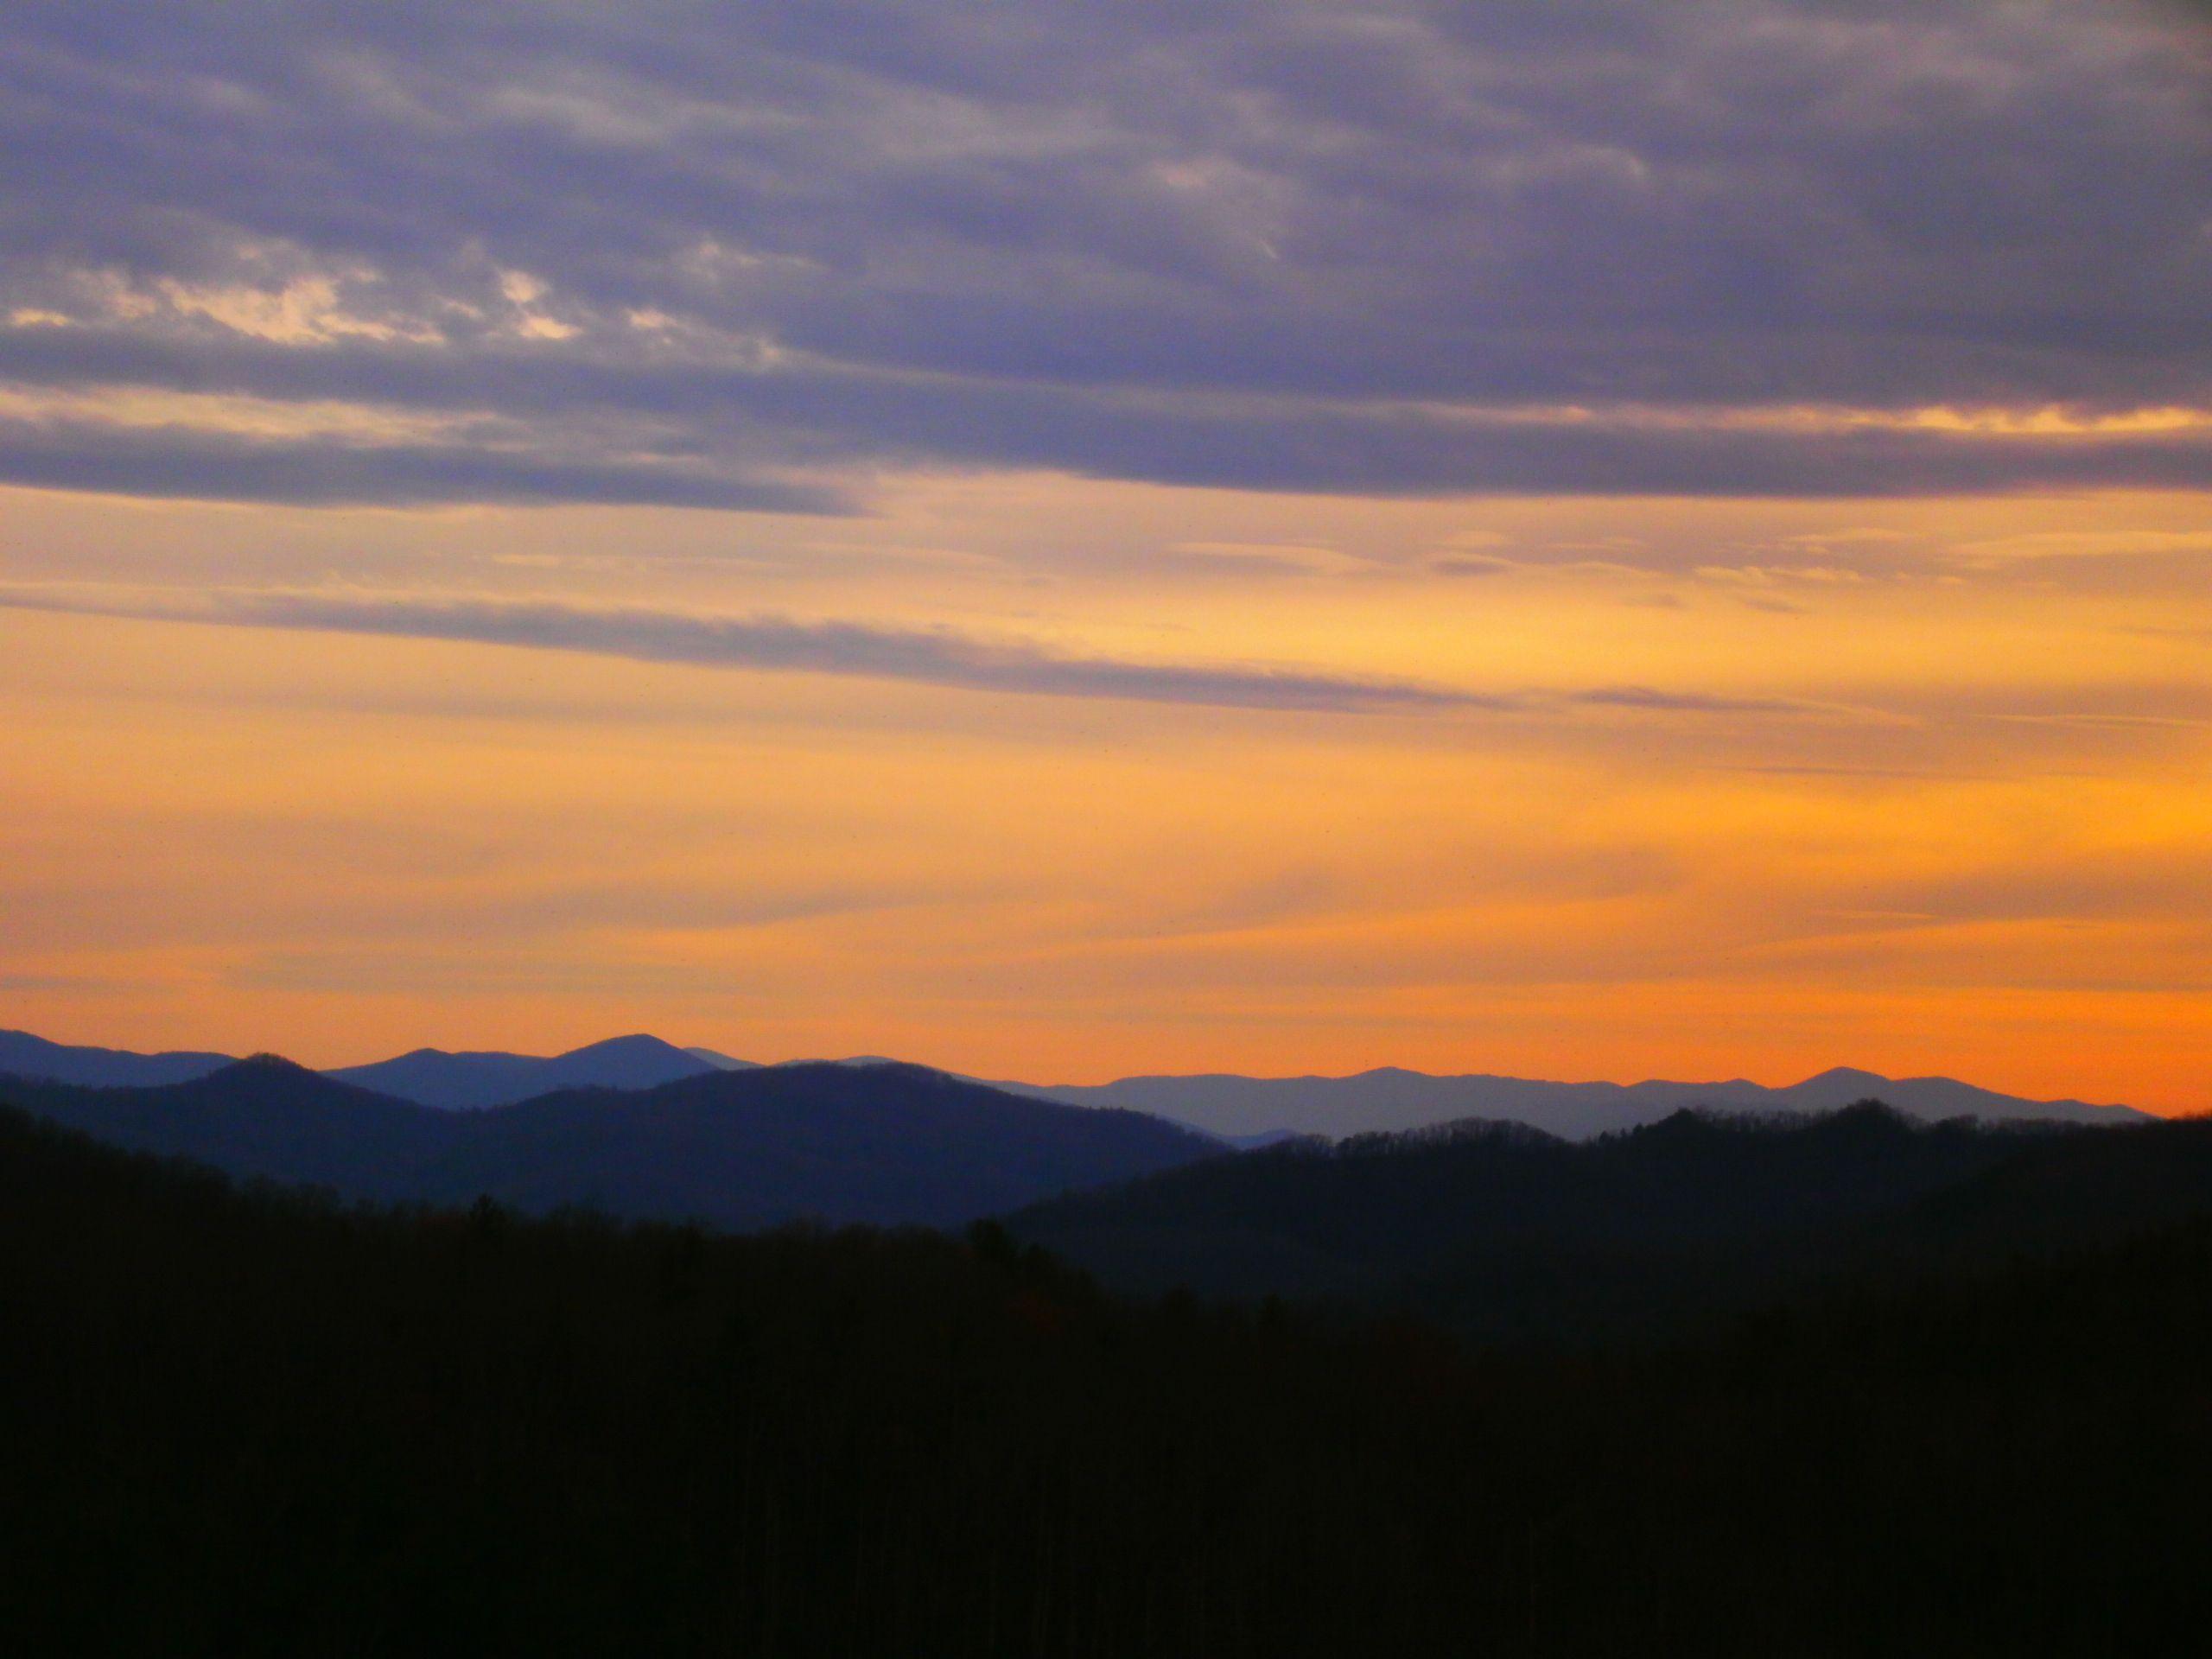 beautiful mountain sunset sunrises and sunsets pinterest